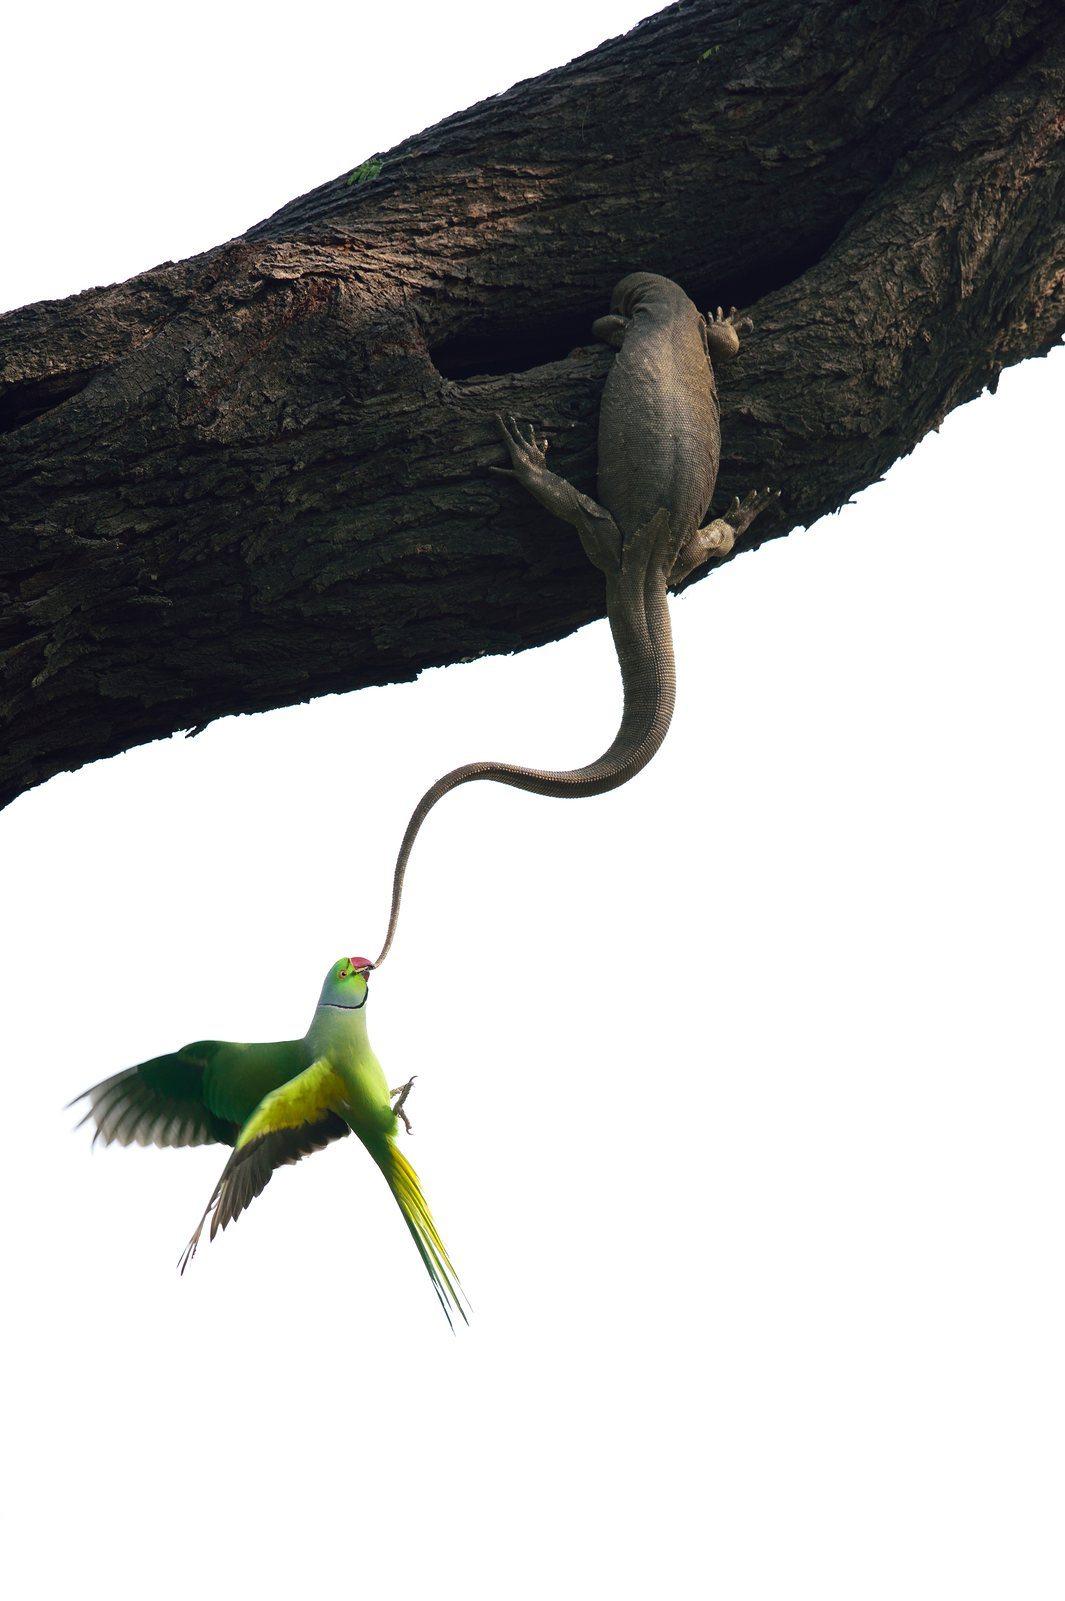 Γκανές Σανκάρ - Ινδία / Επιστρέφοντας στο σπίτι του που βρίσκεται στην κουφάλα ενός δέντρου, ο παπαγάλος ανακάλυψε ότι μία σαύρα είχε κάνει κατάληψη. Ετσι άρχισε να της δαγκώνει την ουρά μέχρι να καταφέρει να γυρίσει στην φωλιά